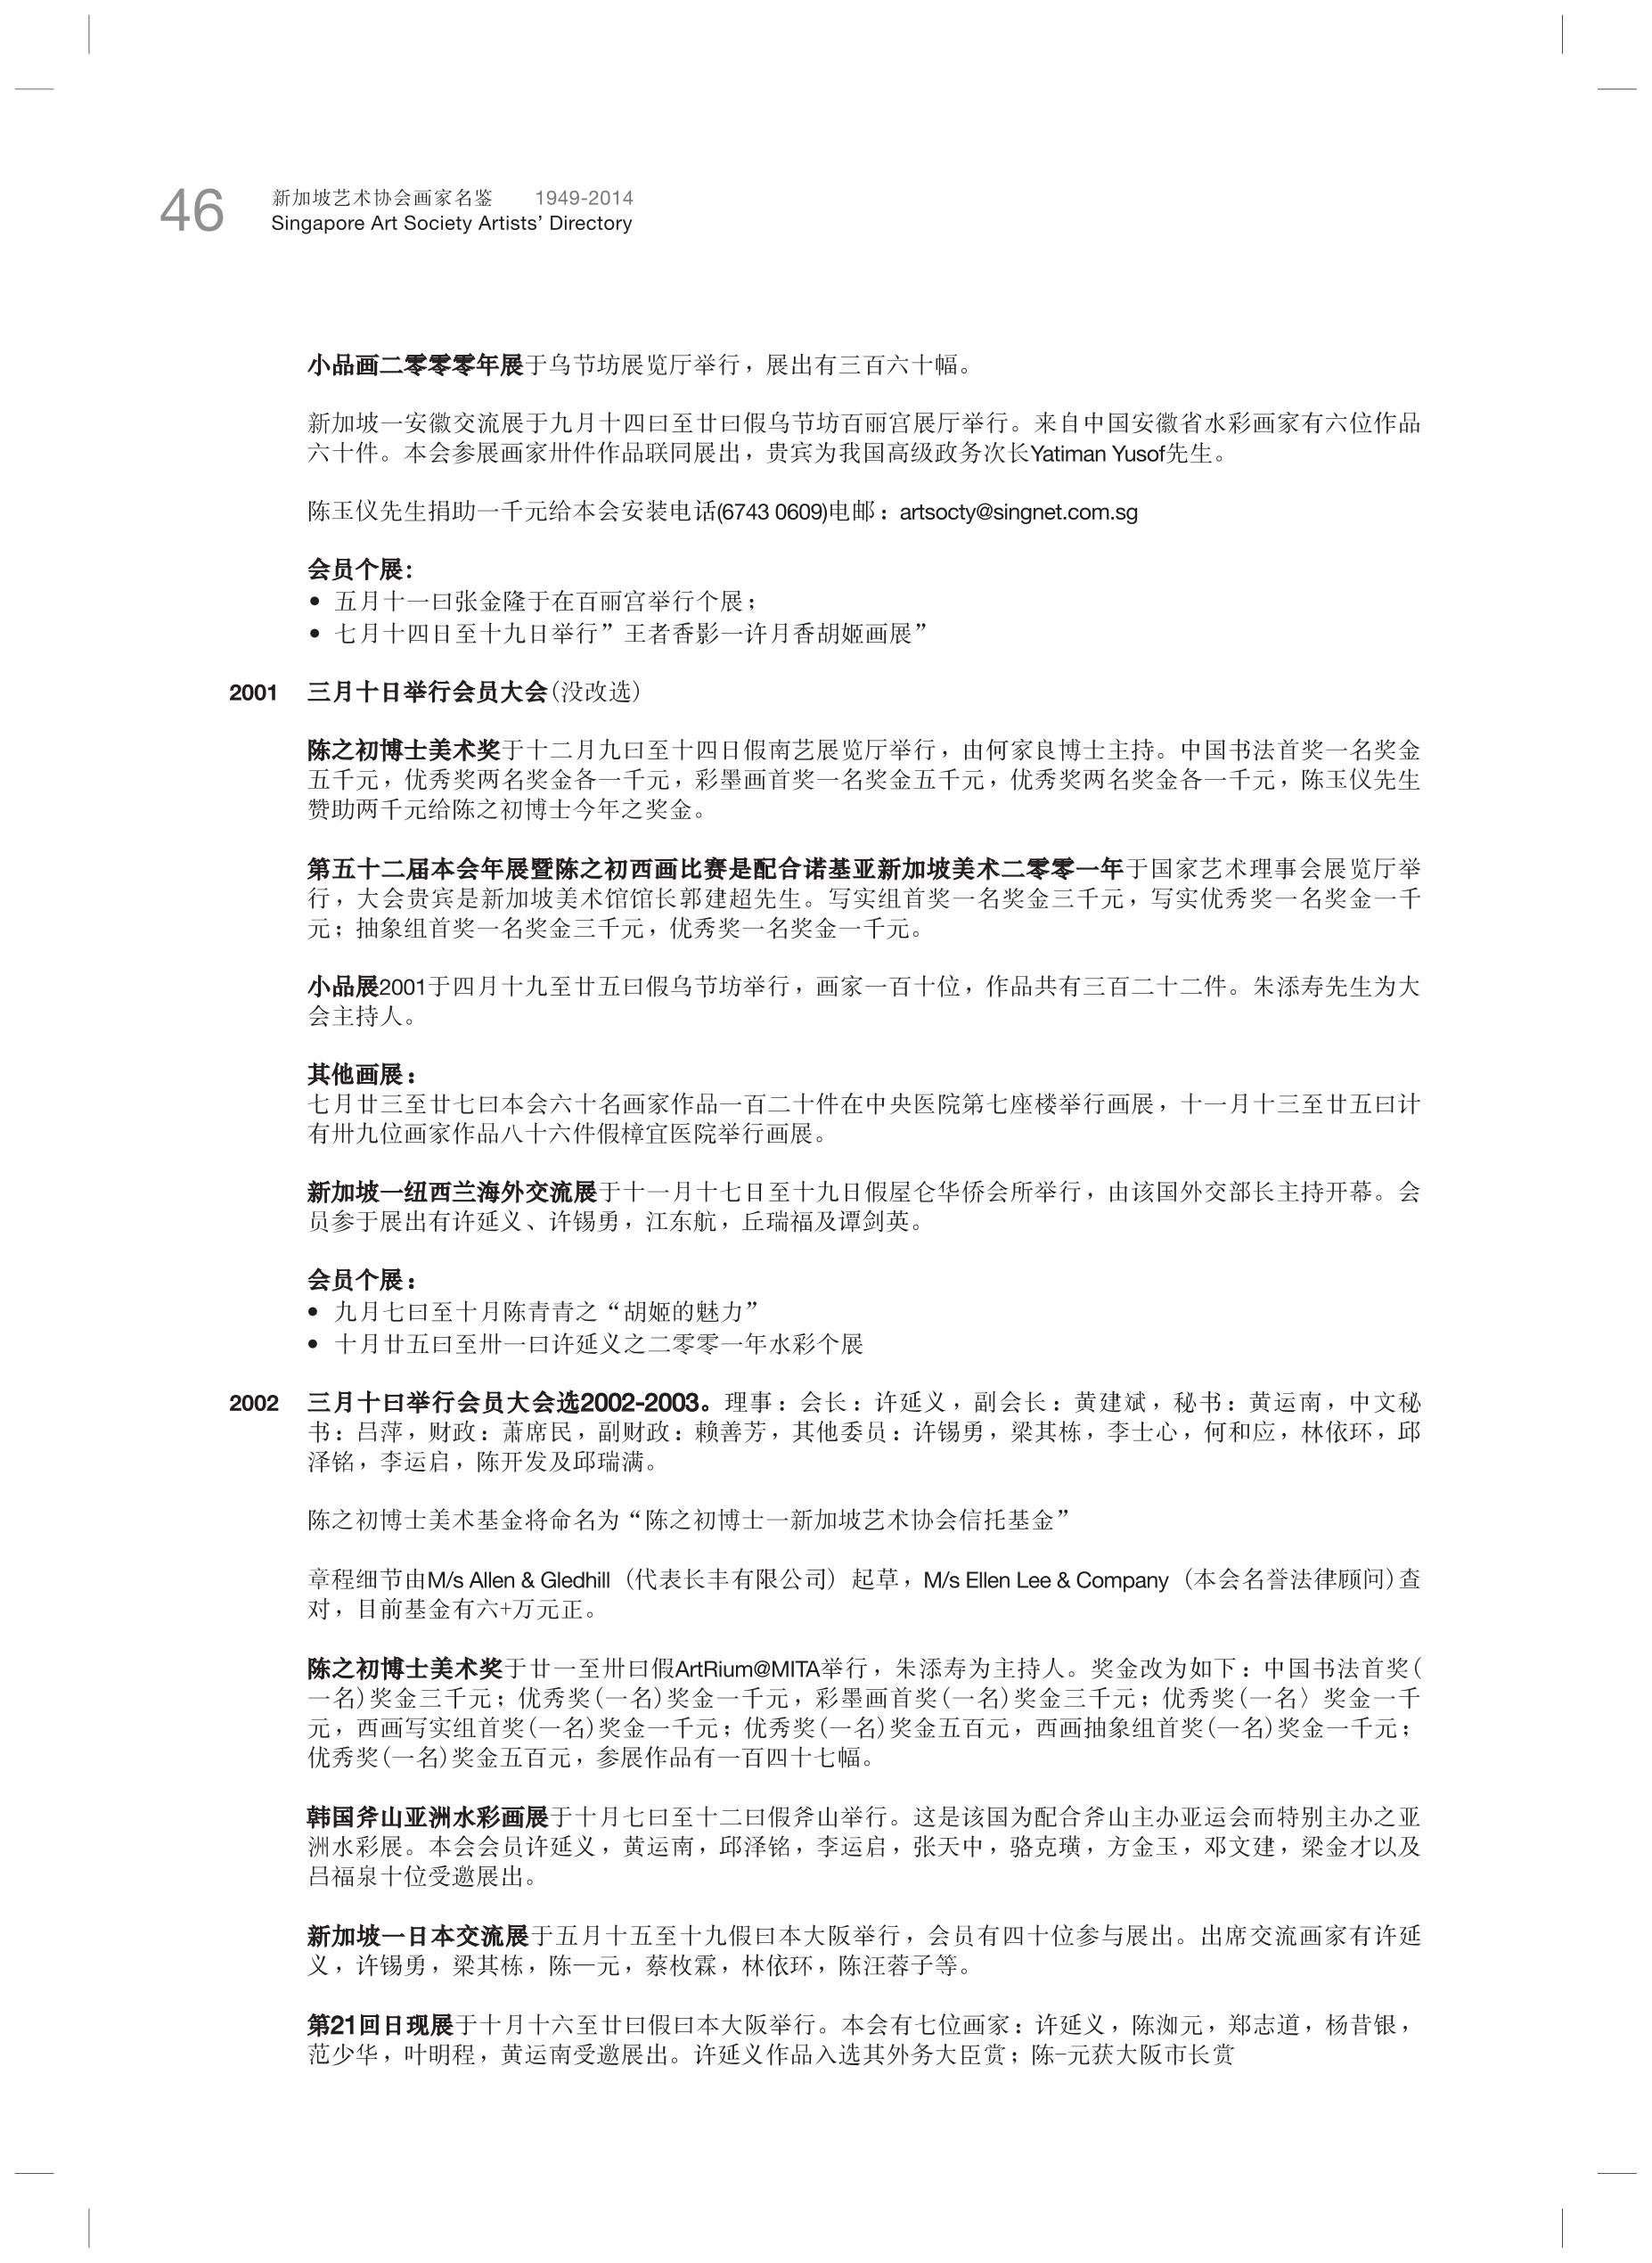 SG 65 inside_Part5-02